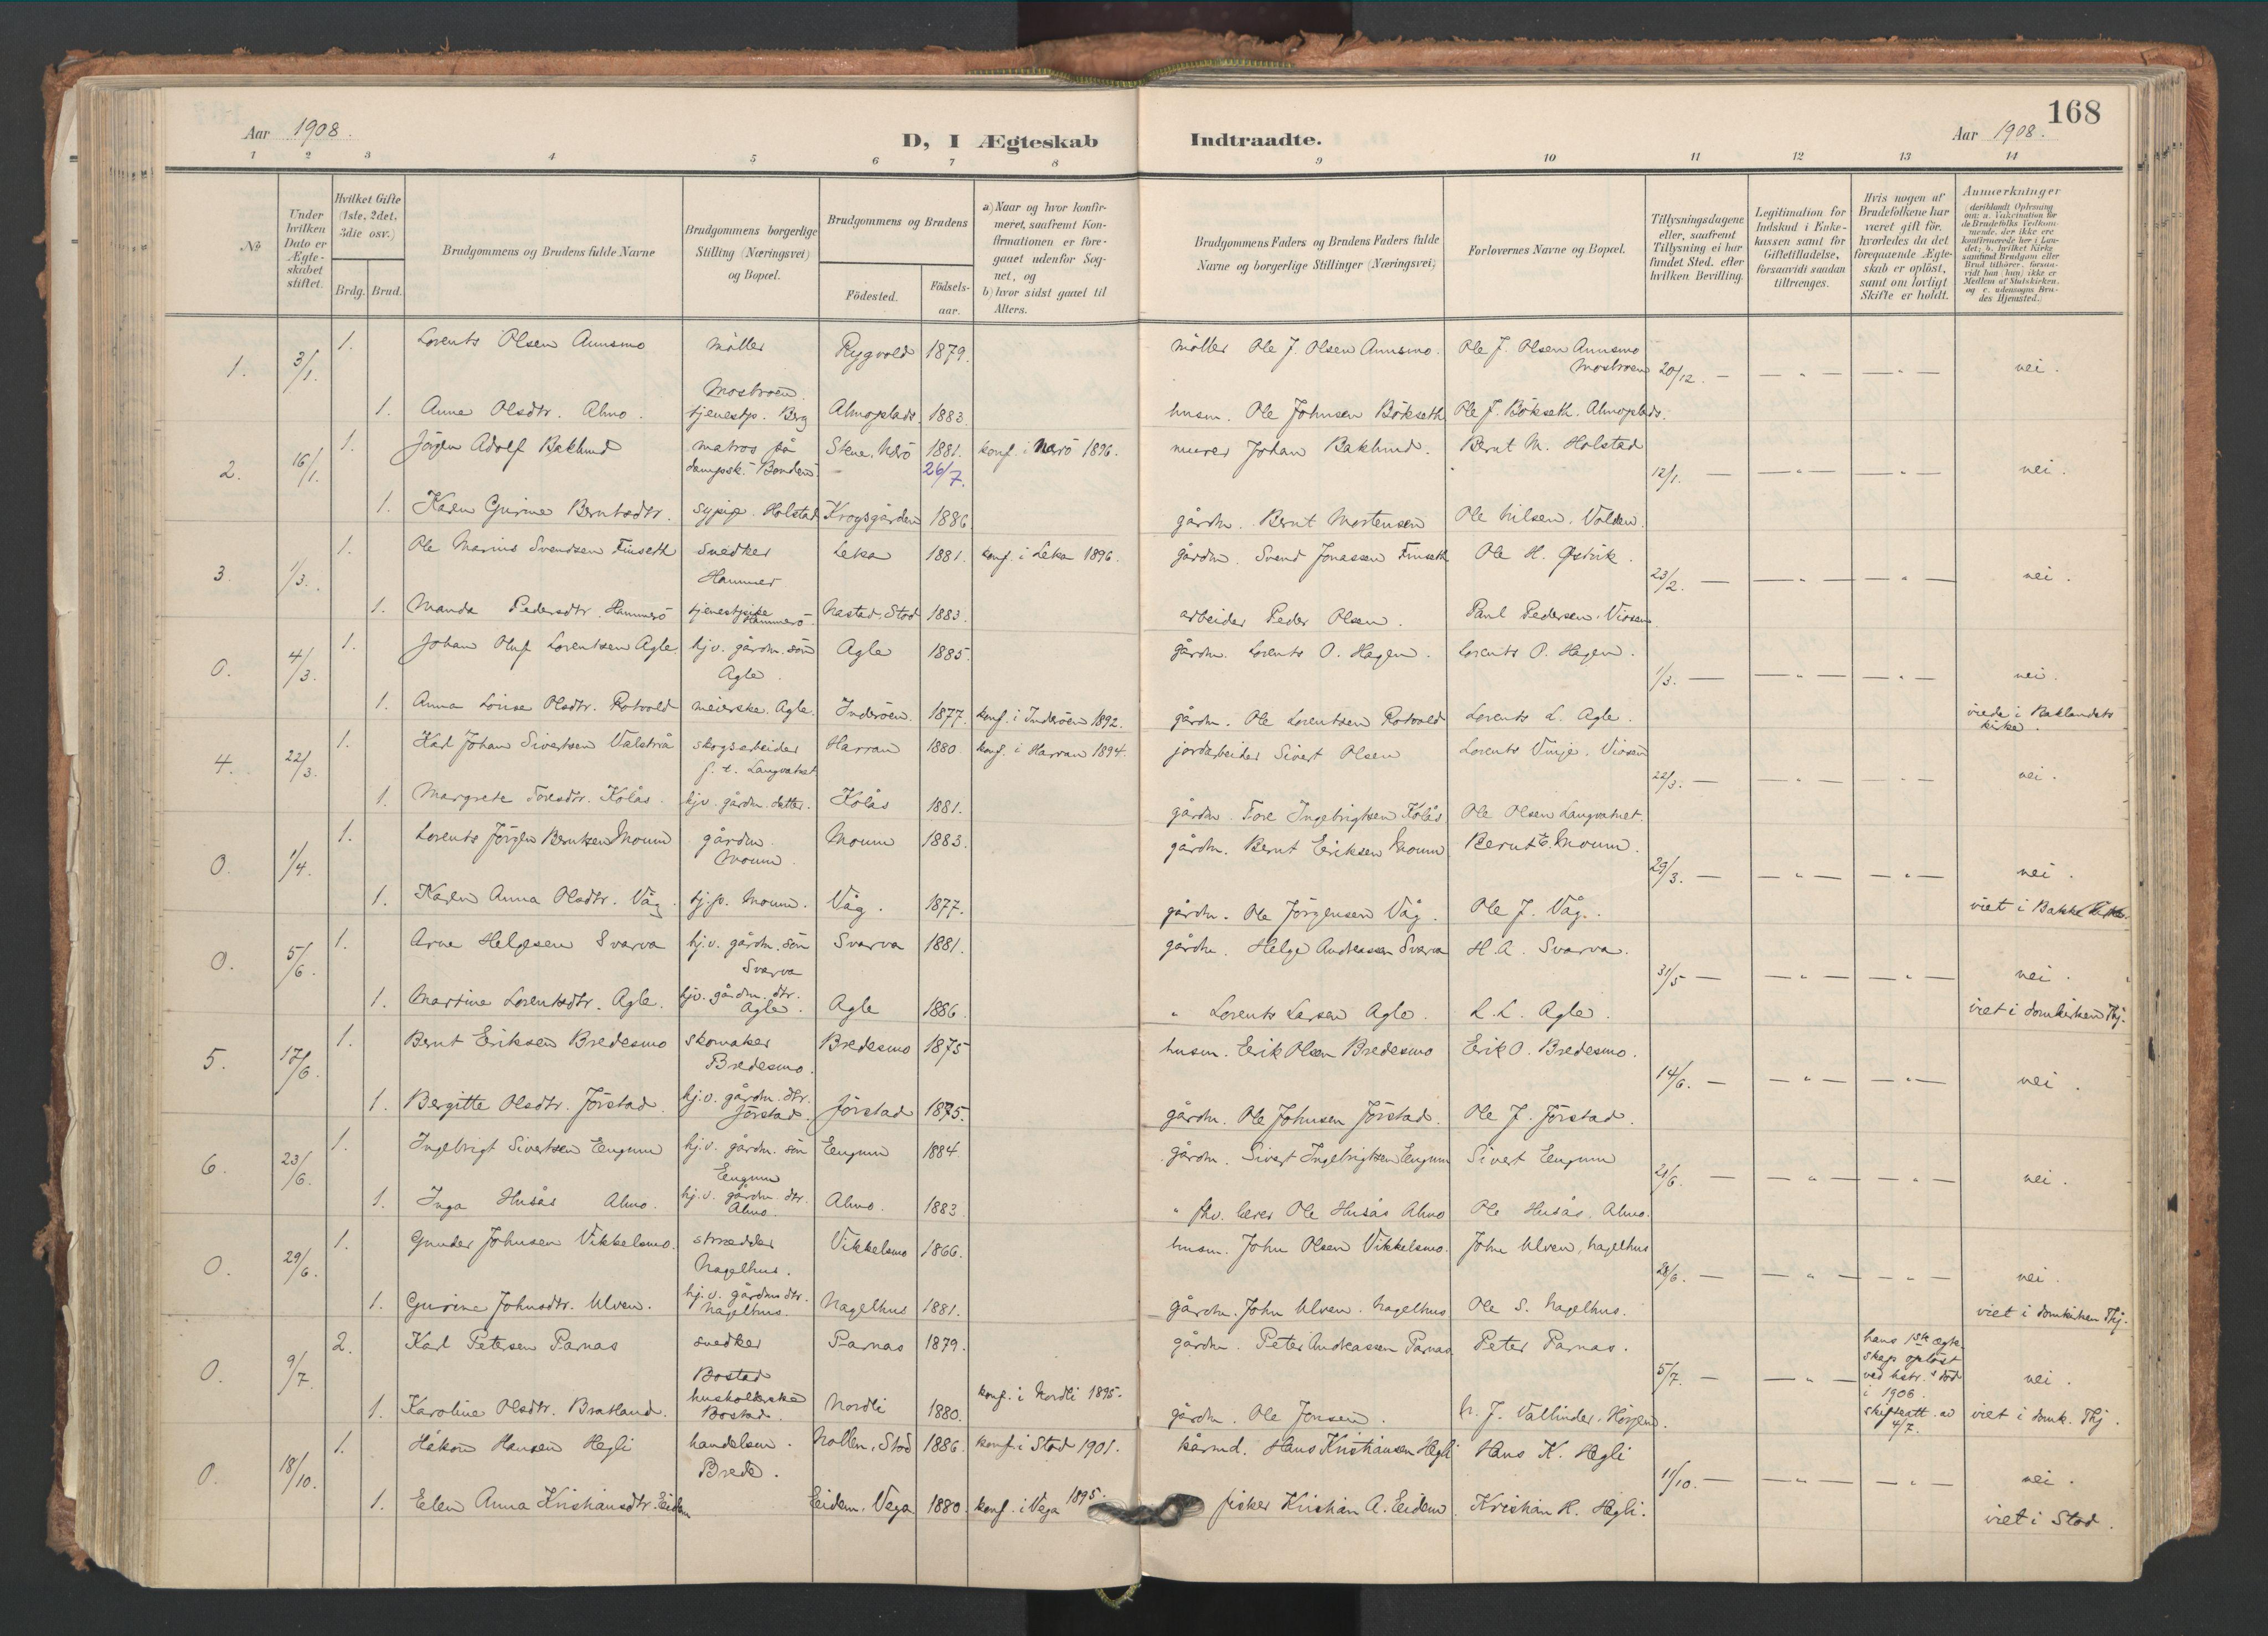 SAT, Ministerialprotokoller, klokkerbøker og fødselsregistre - Nord-Trøndelag, 749/L0477: Ministerialbok nr. 749A11, 1902-1927, s. 168